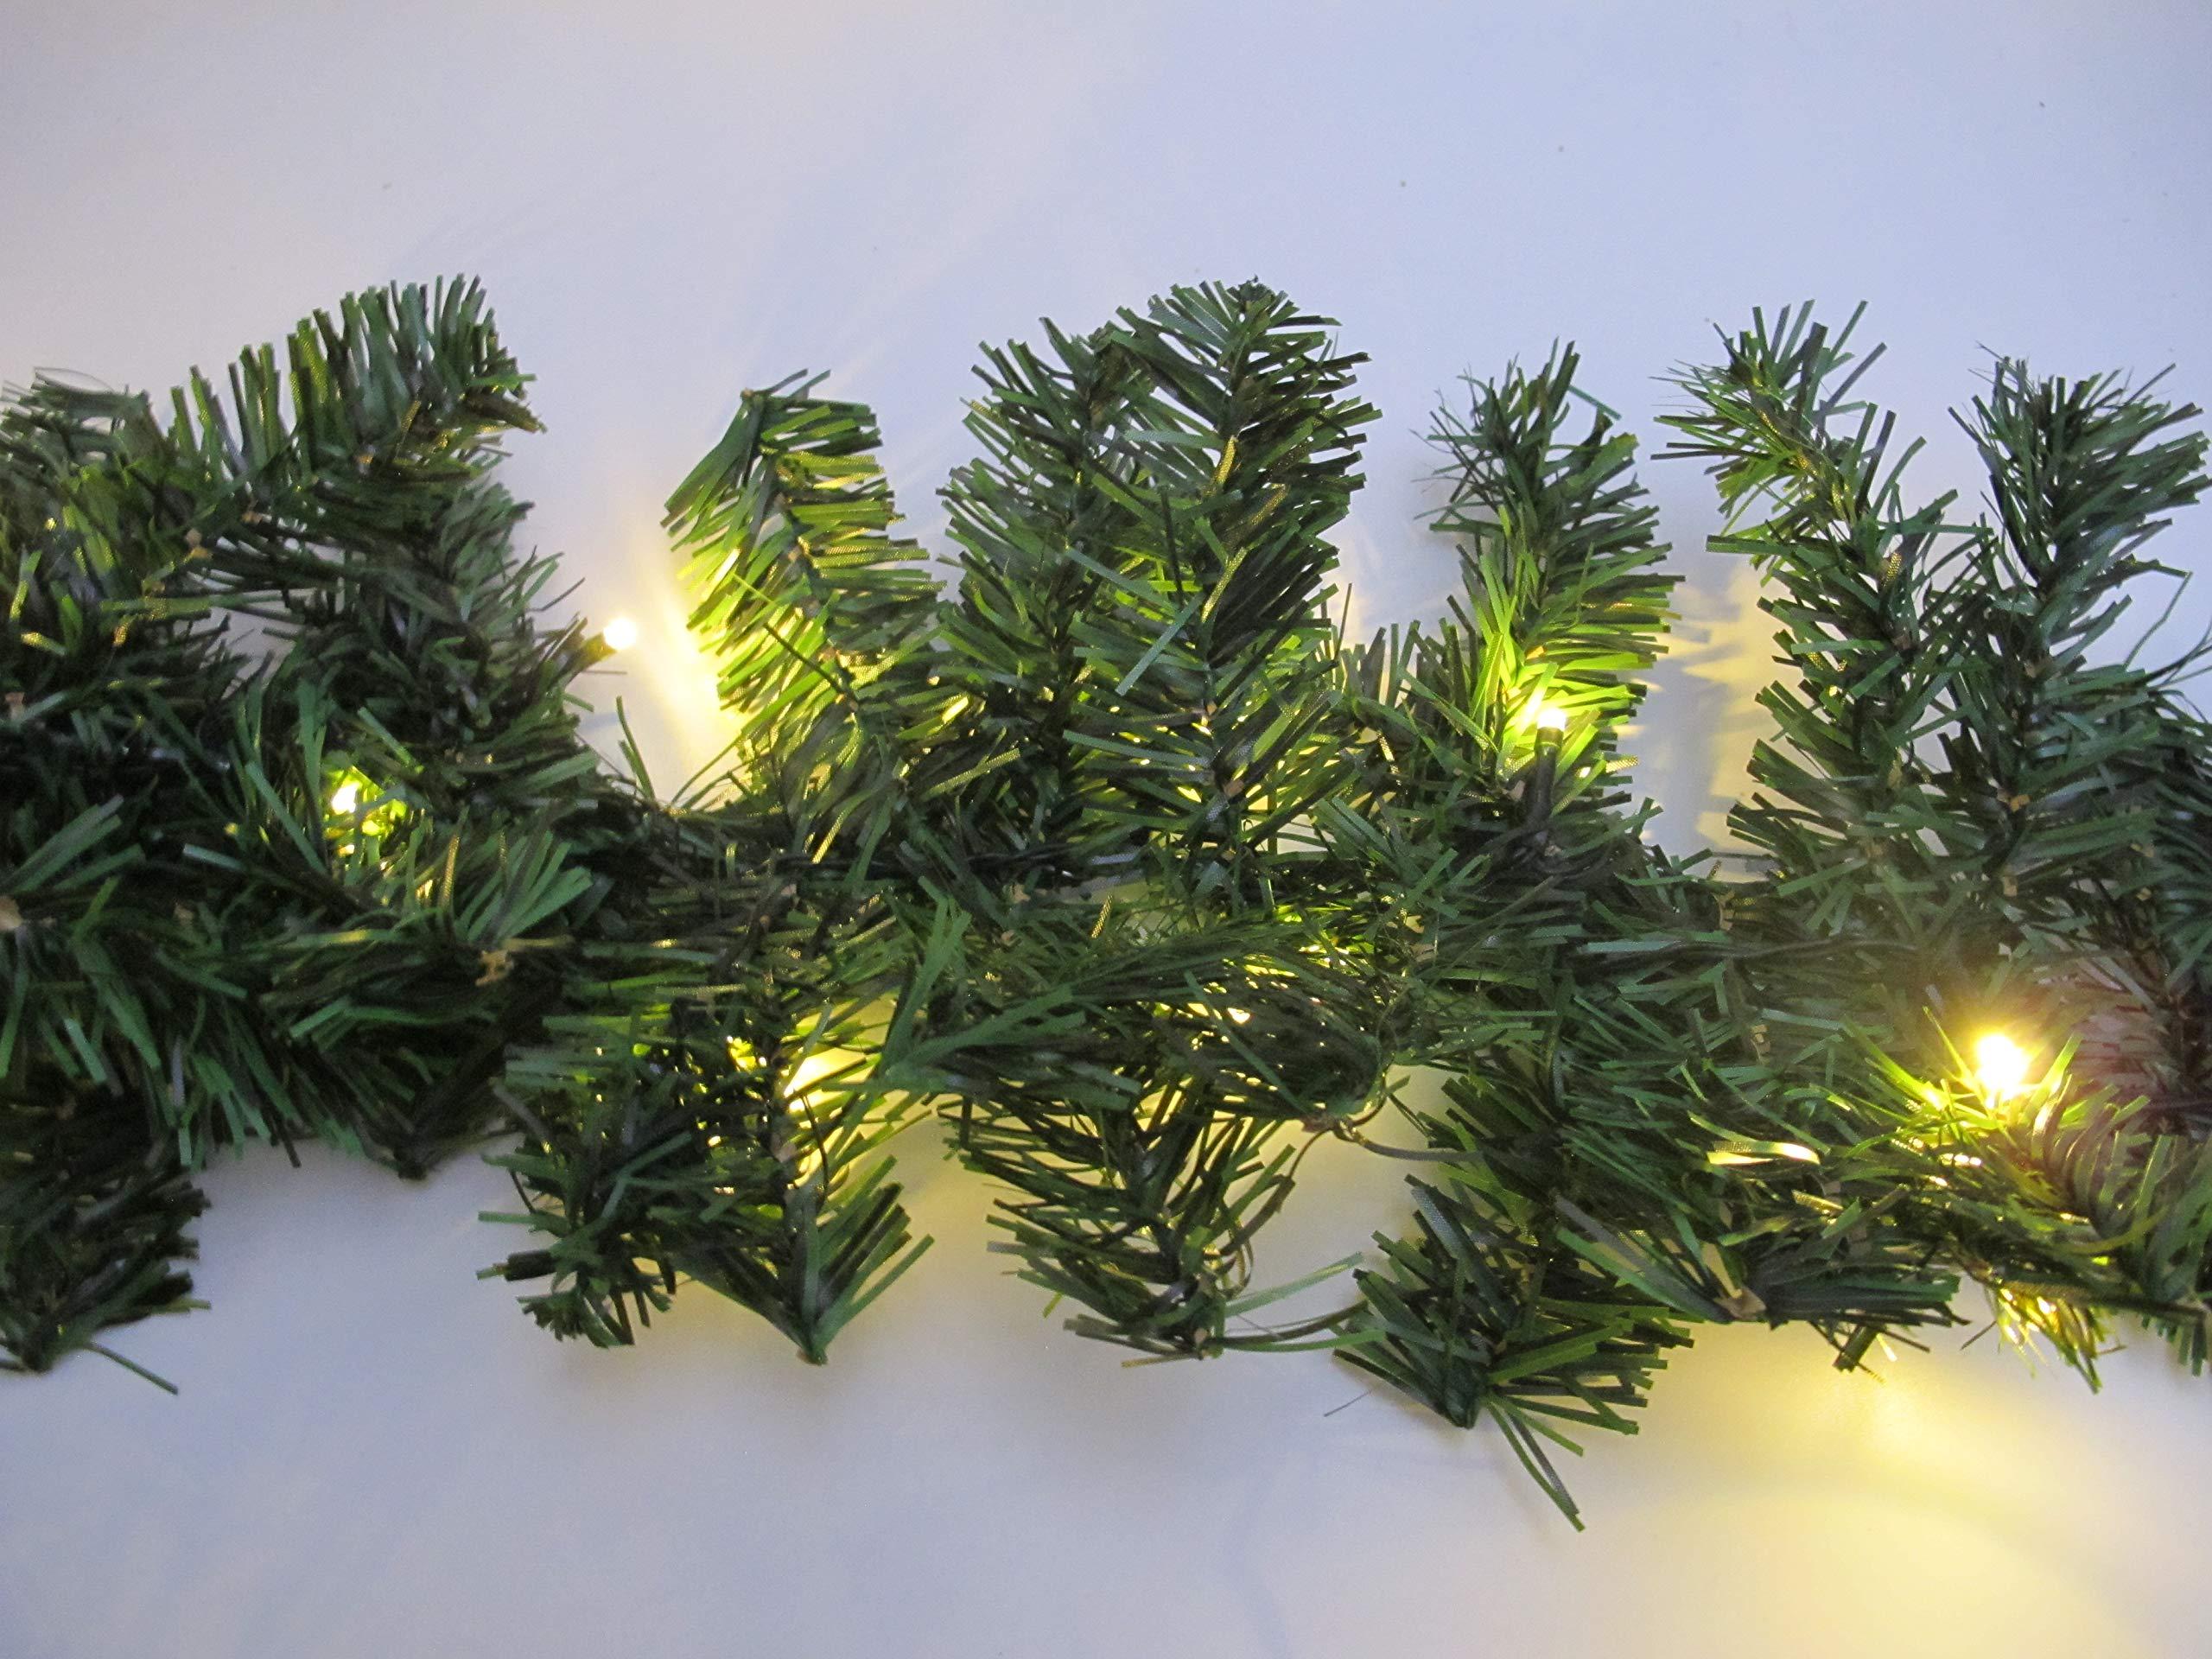 Tannengirlande-5-Meter-mit-80-warm-weien-LED-strombetrieben-inkl-10-Meter-Zuleitung-fr-Innen-Auen-geeignet-knstliche-Girlande-mit-Beleuchtung